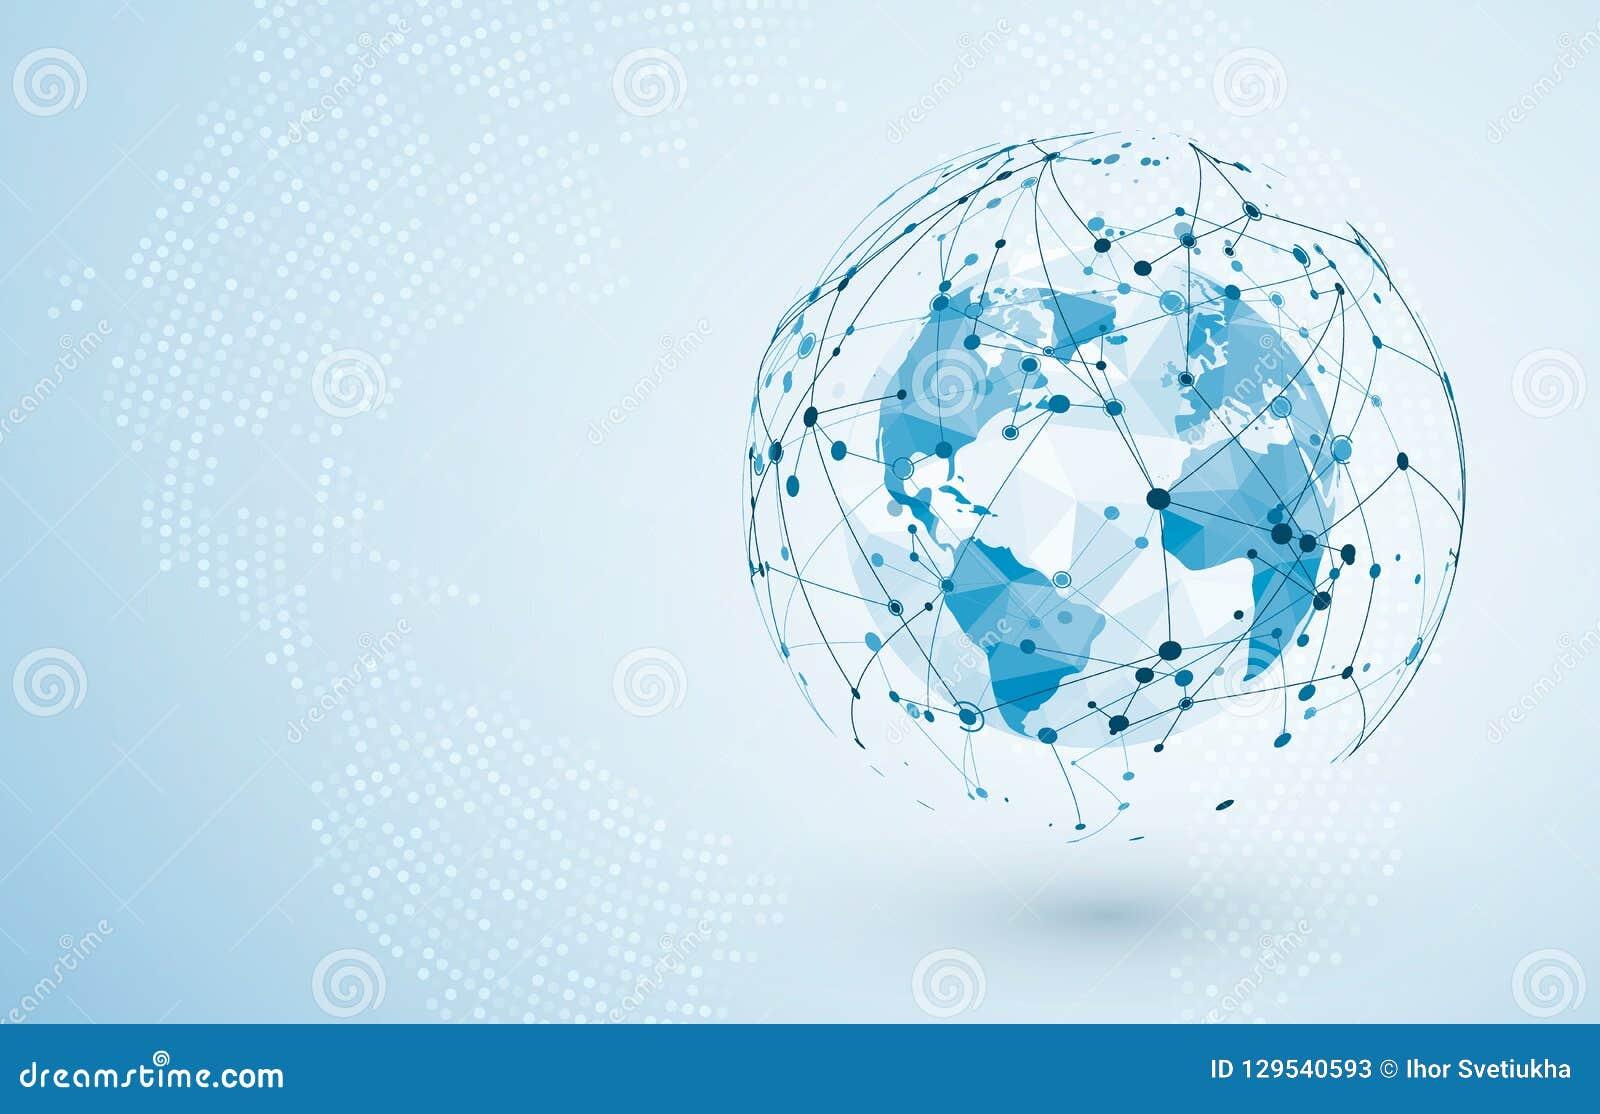 全球网络连接 大数据或全球性人脉连接 全球企业的低多角形世界地图概念